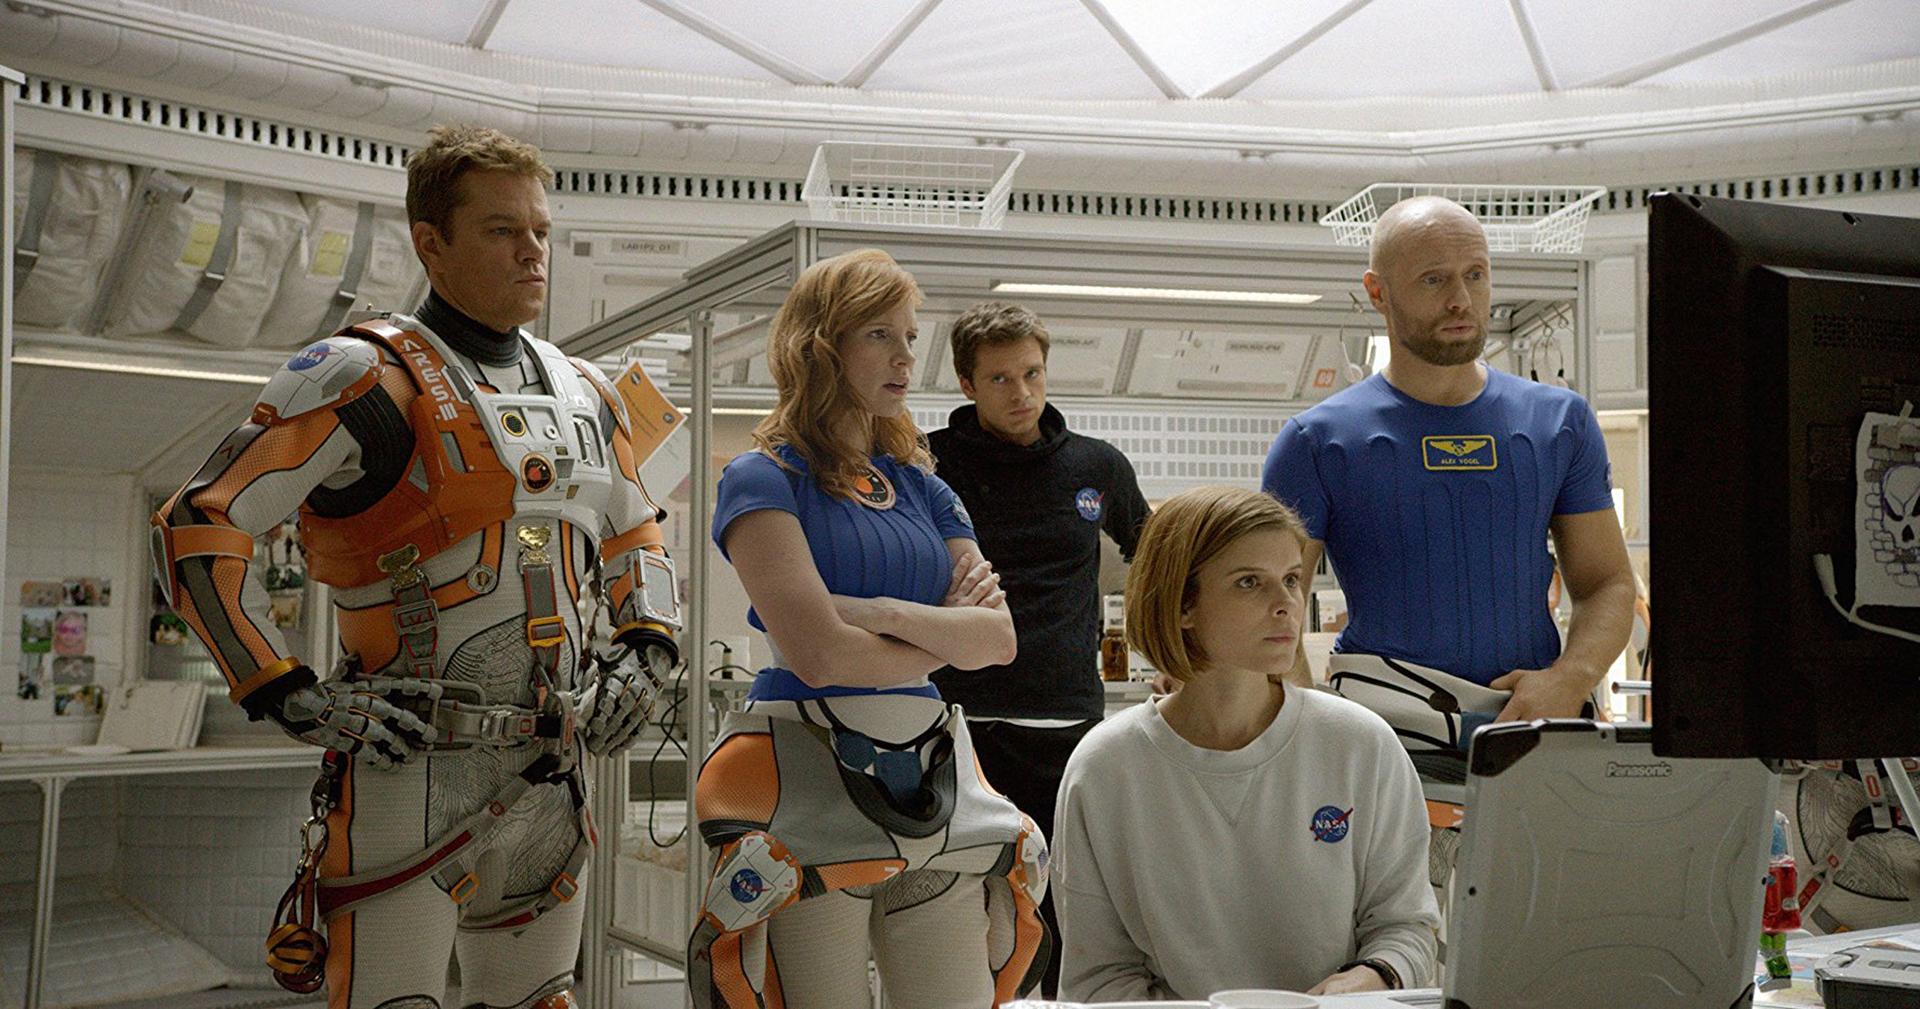 Misión Rescate (2016) – 73ª edición. Fue dirigida por Ridley Scott y ganó dos Globos de Oro: mejor película (comedia o musical) y mejor actor para Matt Damon